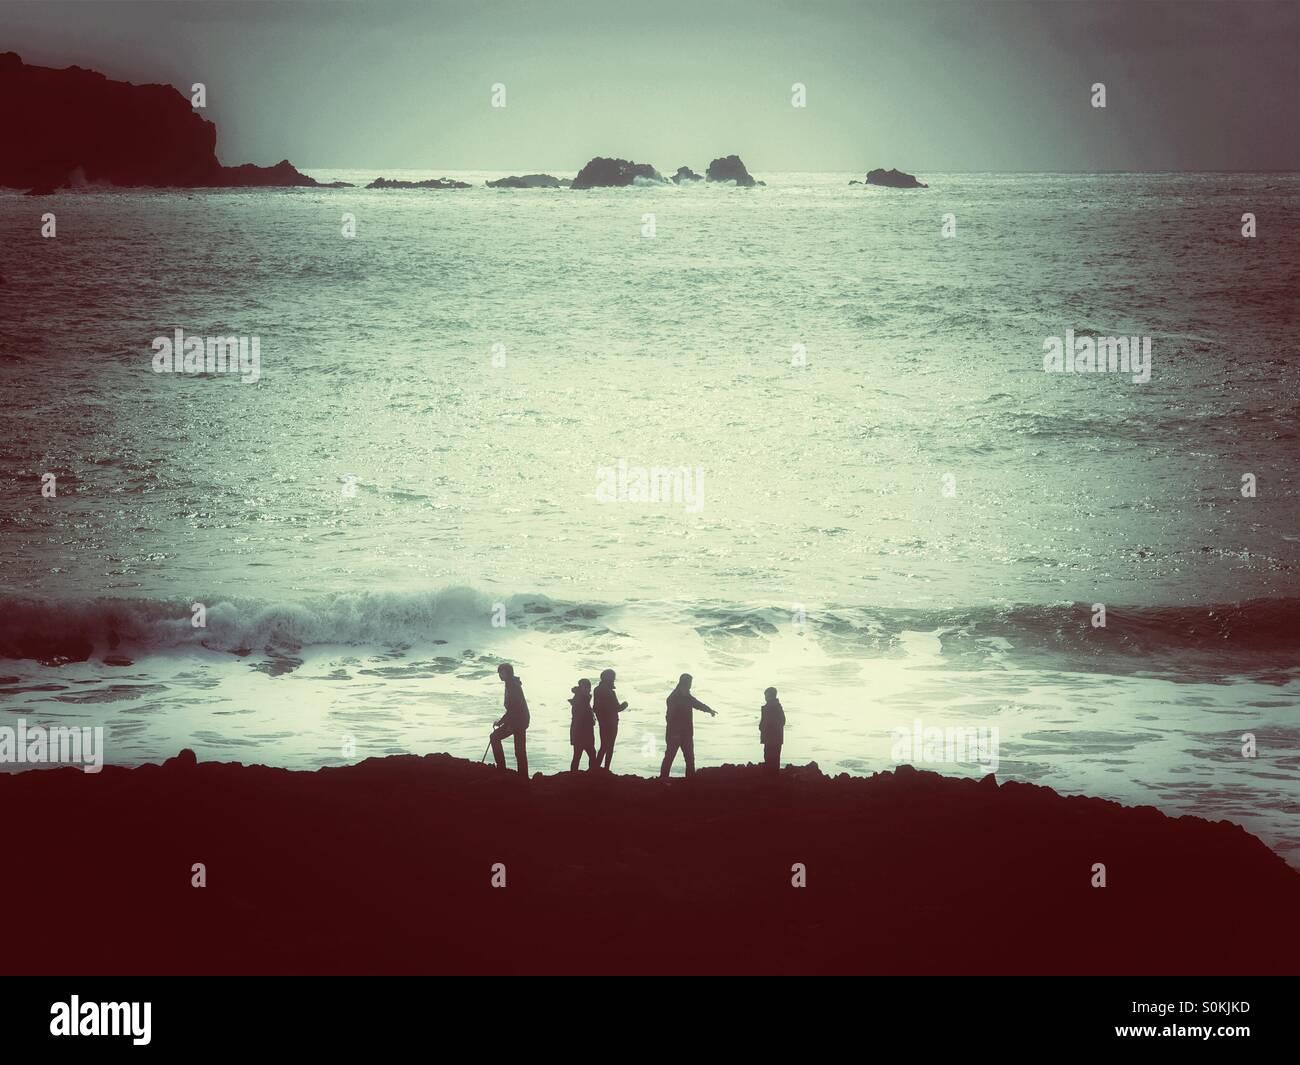 Cinco personas siluetas contra un mar con olas. Imagen De Stock